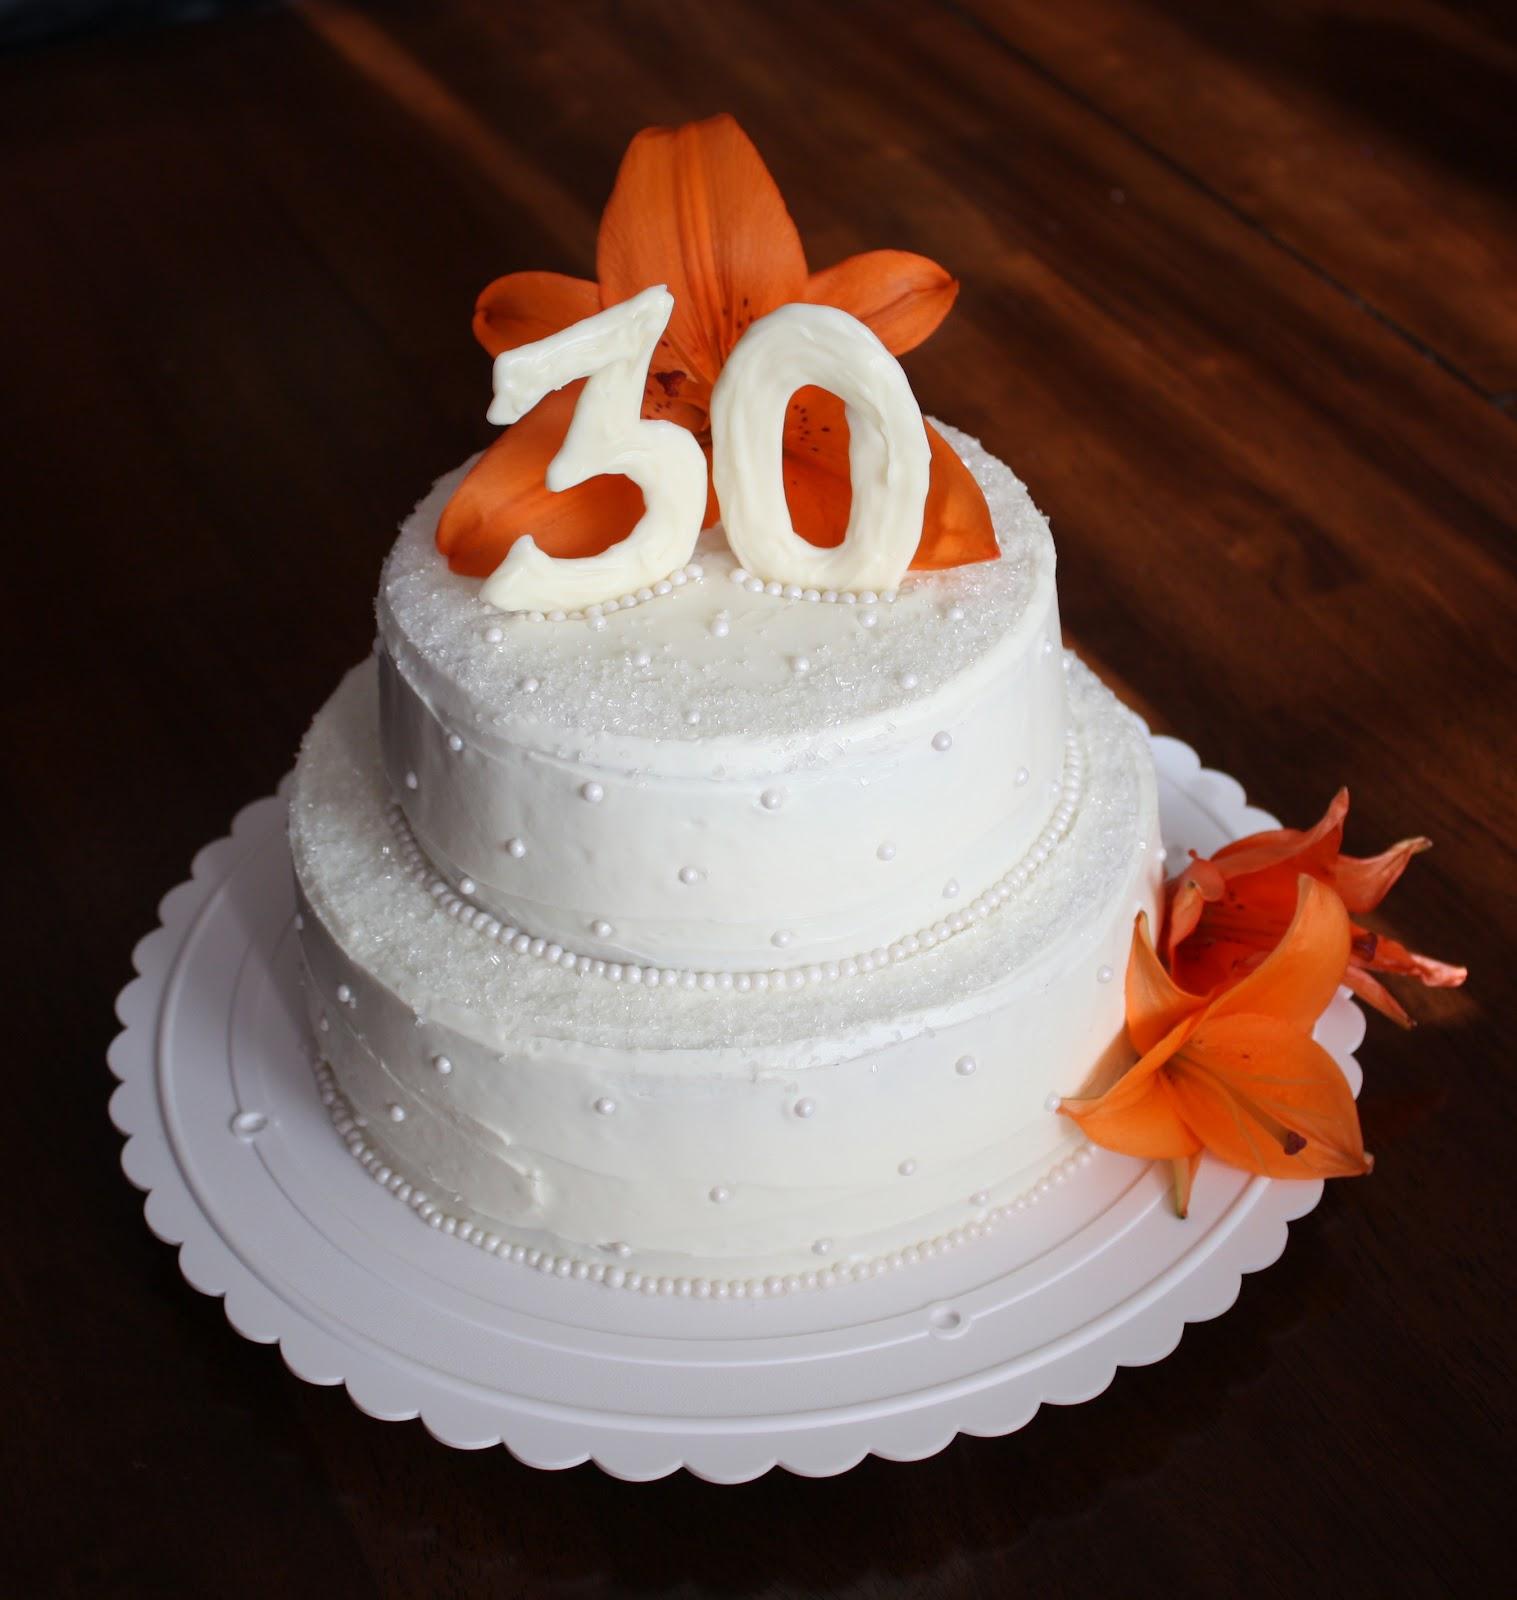 30th Year Wedding Anniversary Cake